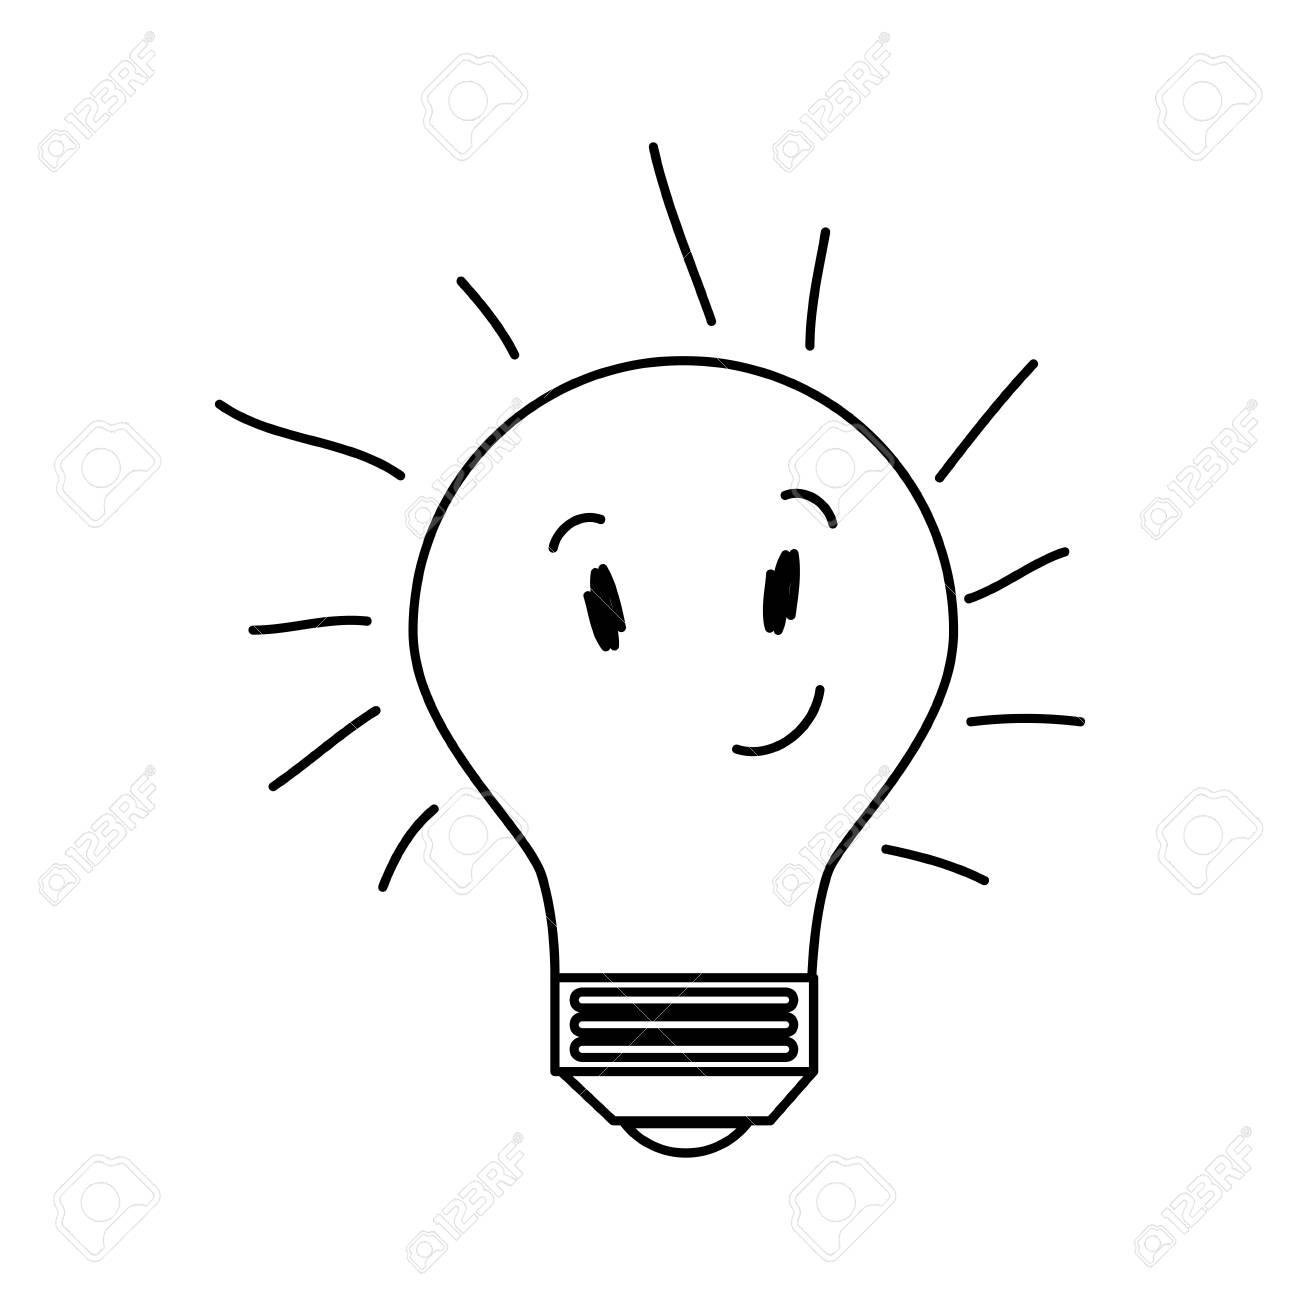 Caractere Lumineux Ampoule Dessin Icone Illustration Vectorielle Design Clip Art Libres De Droits Vecteurs Et Illustration Image 74645770